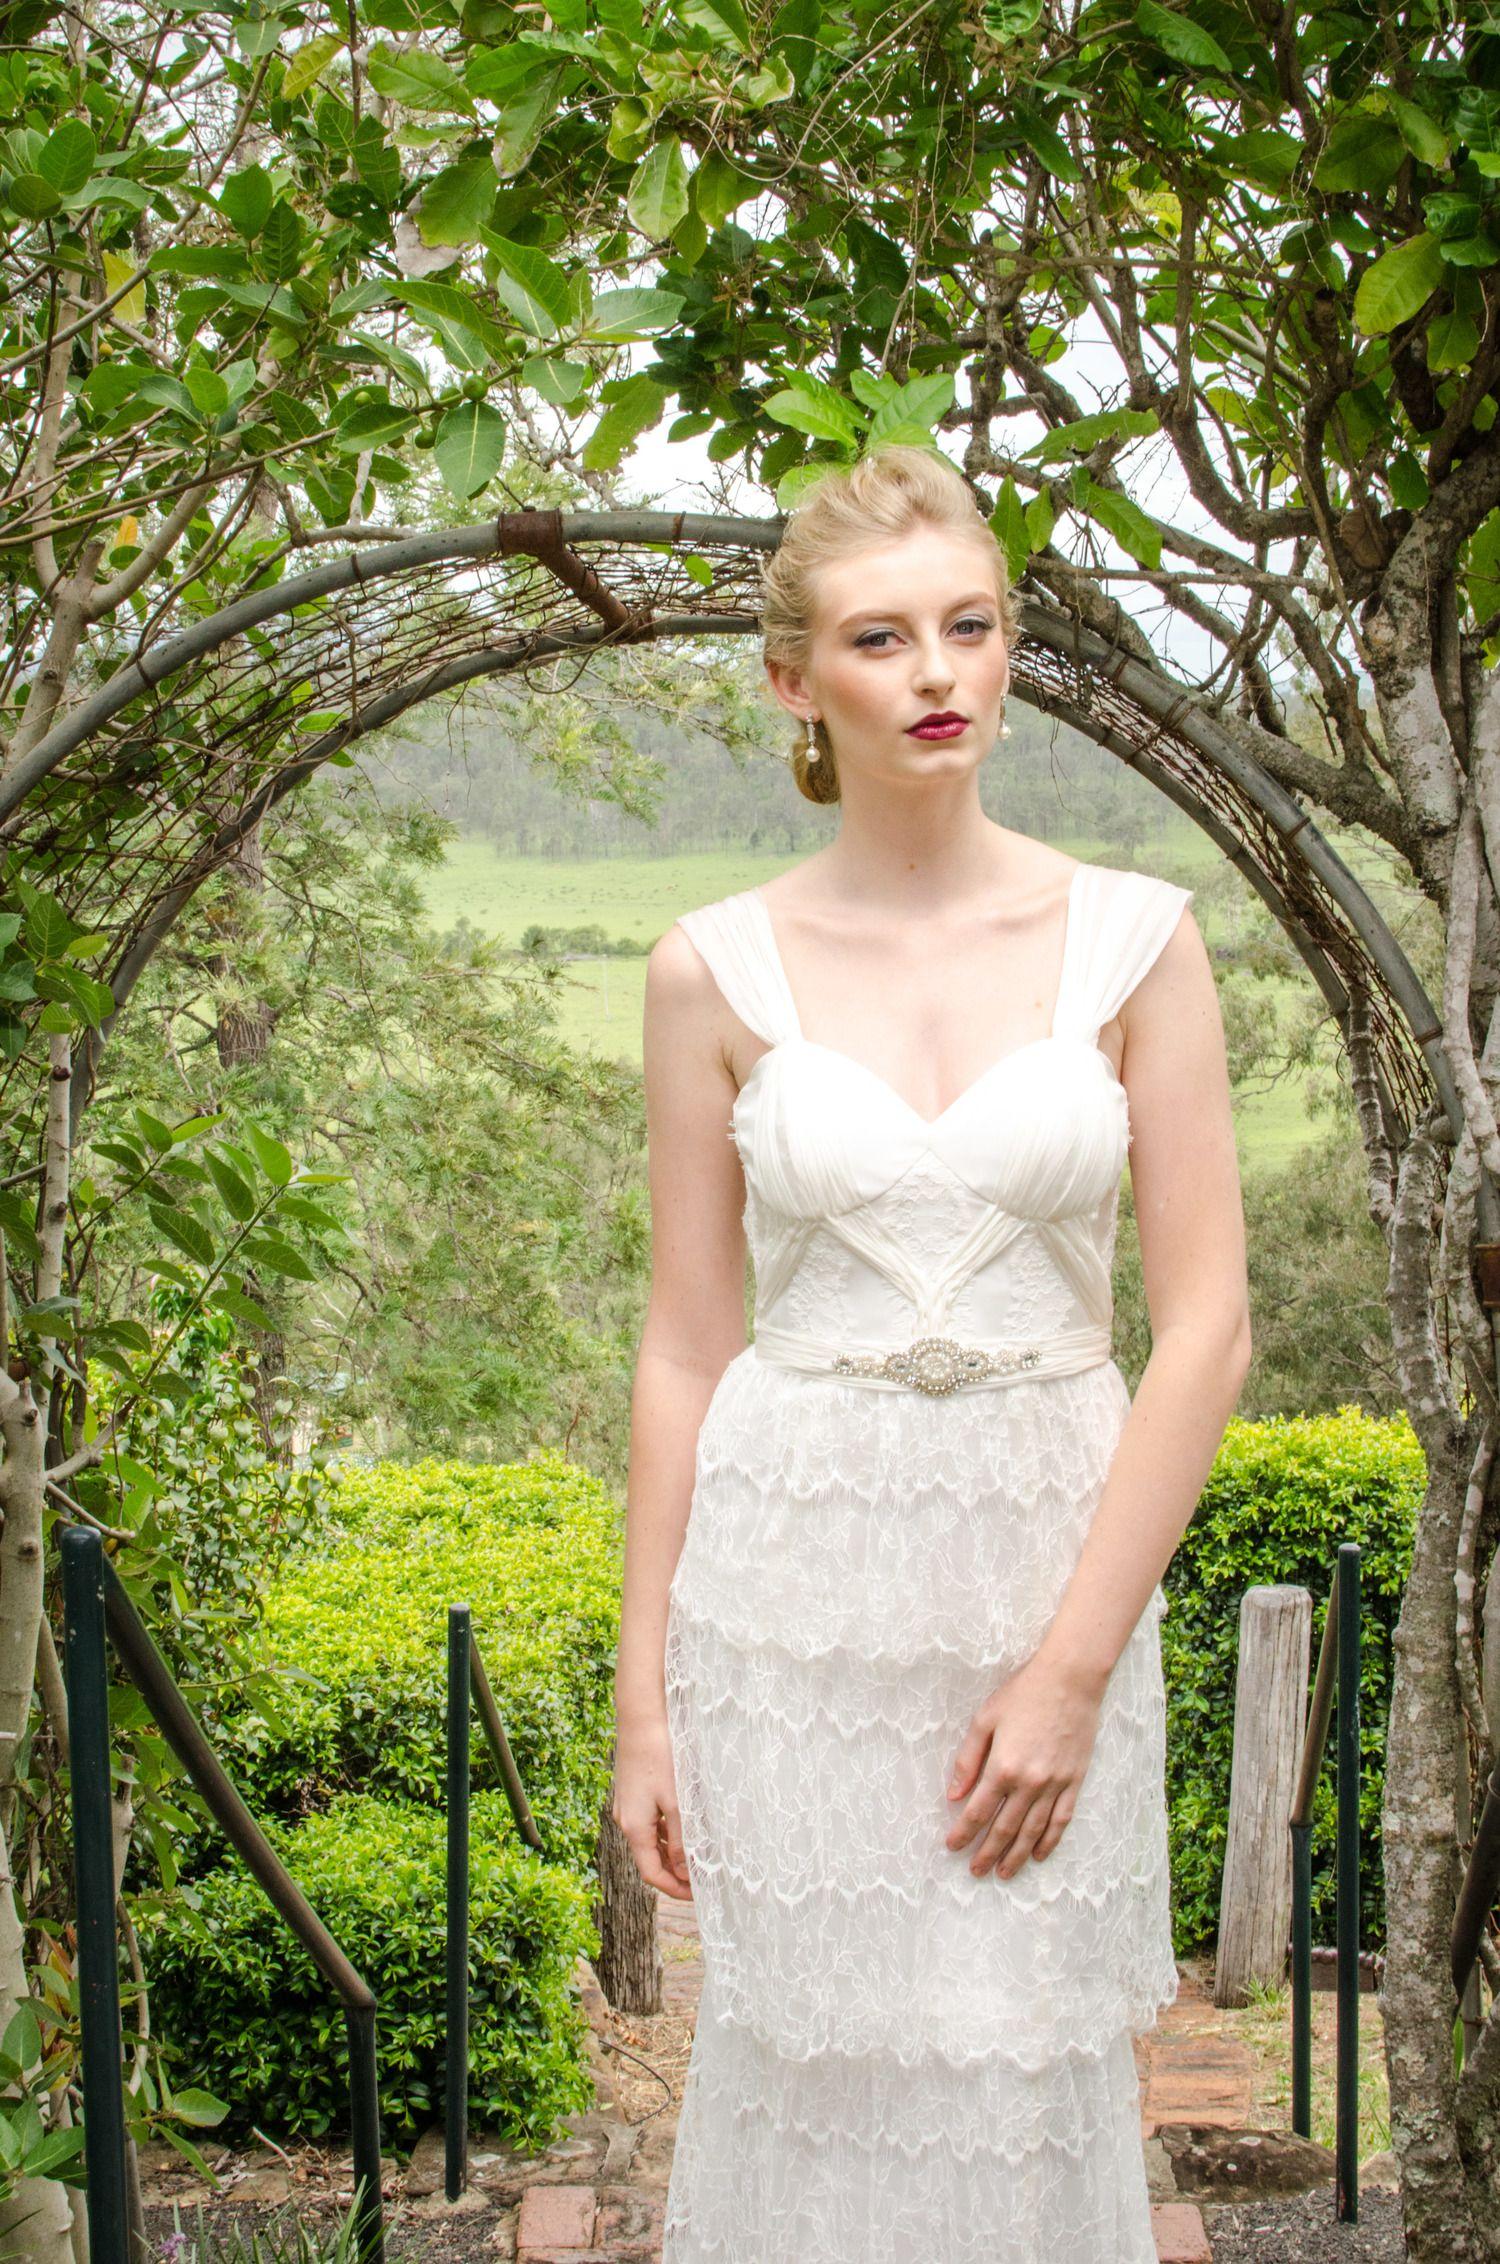 BLOG Brisbane Fashion Photographer Ninique Photography